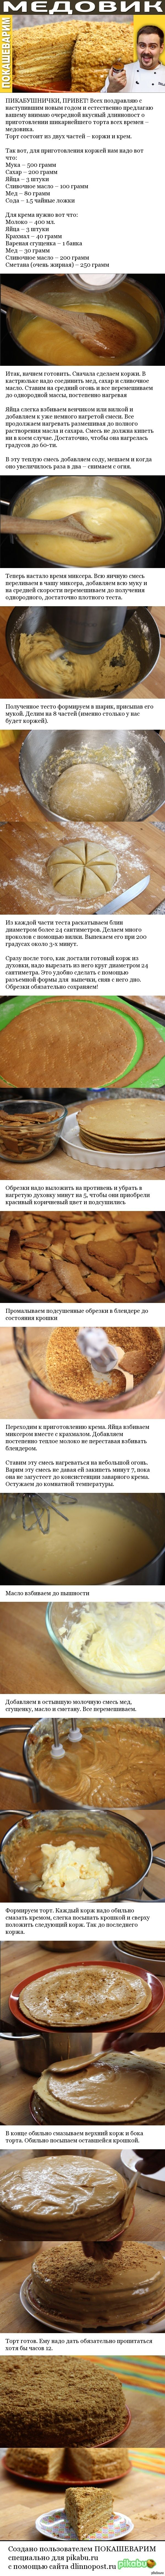 ТОРТ МЕДОВИК. Длиннопост от Покашеварим Если хотите подробности, смотрите видео-рецепт на Ютубе http://youtu.be/q8HDU2TS3_A рецепт, медовик, покашеварим, длиннопост